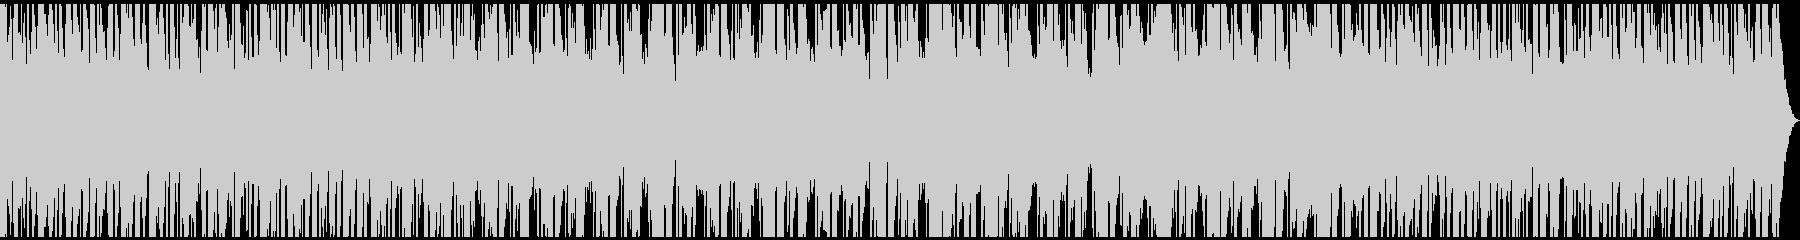 陽気なホーンのキューバ音楽、60秒の未再生の波形